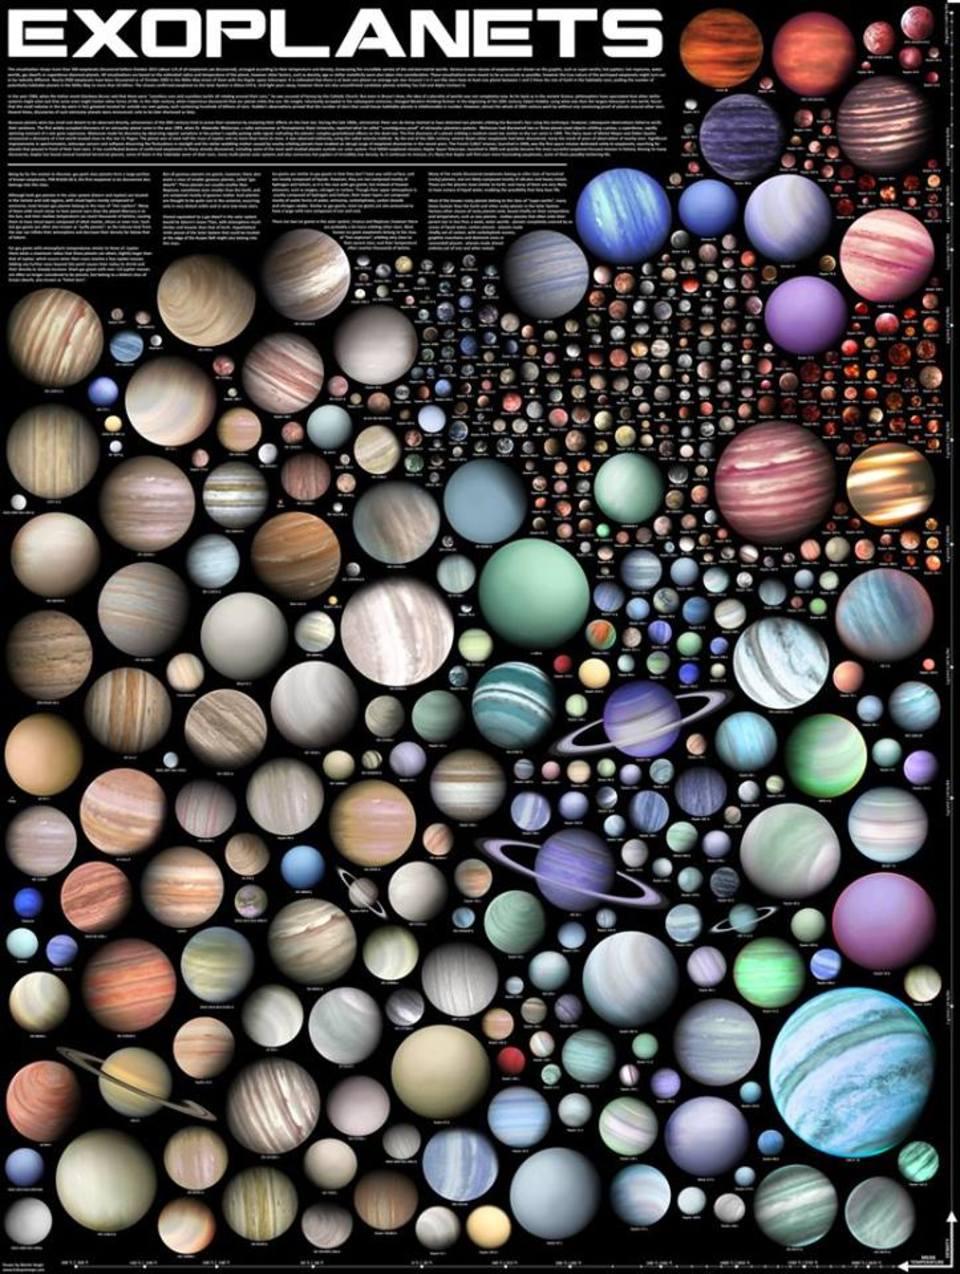 La imagen corresponde a múltiples formatos y colores simulados de planetas.